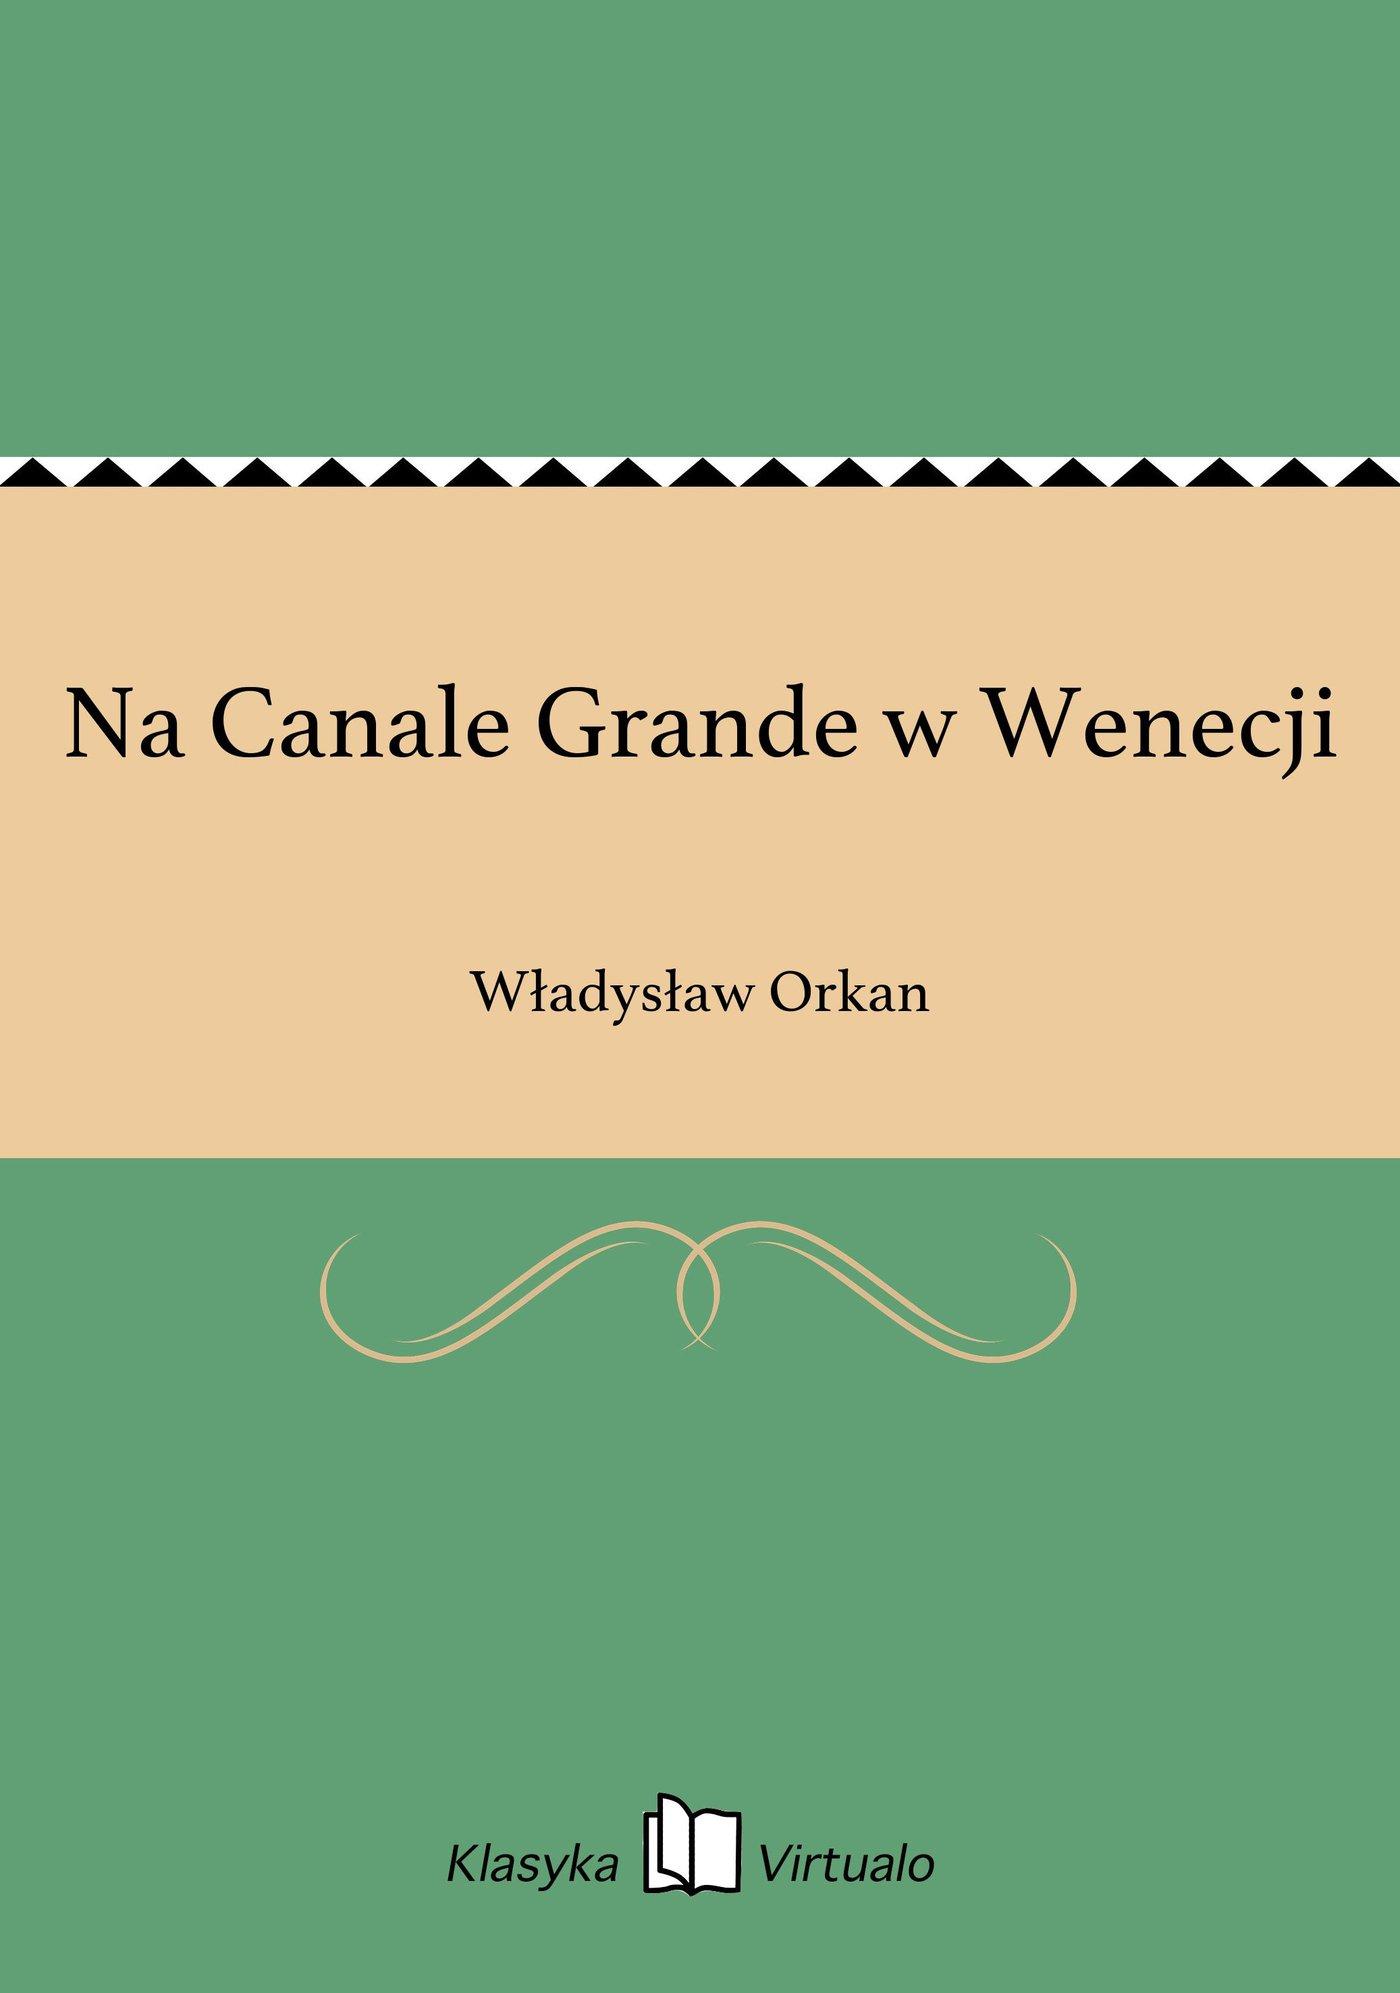 Na Canale Grande w Wenecji - Ebook (Książka na Kindle) do pobrania w formacie MOBI